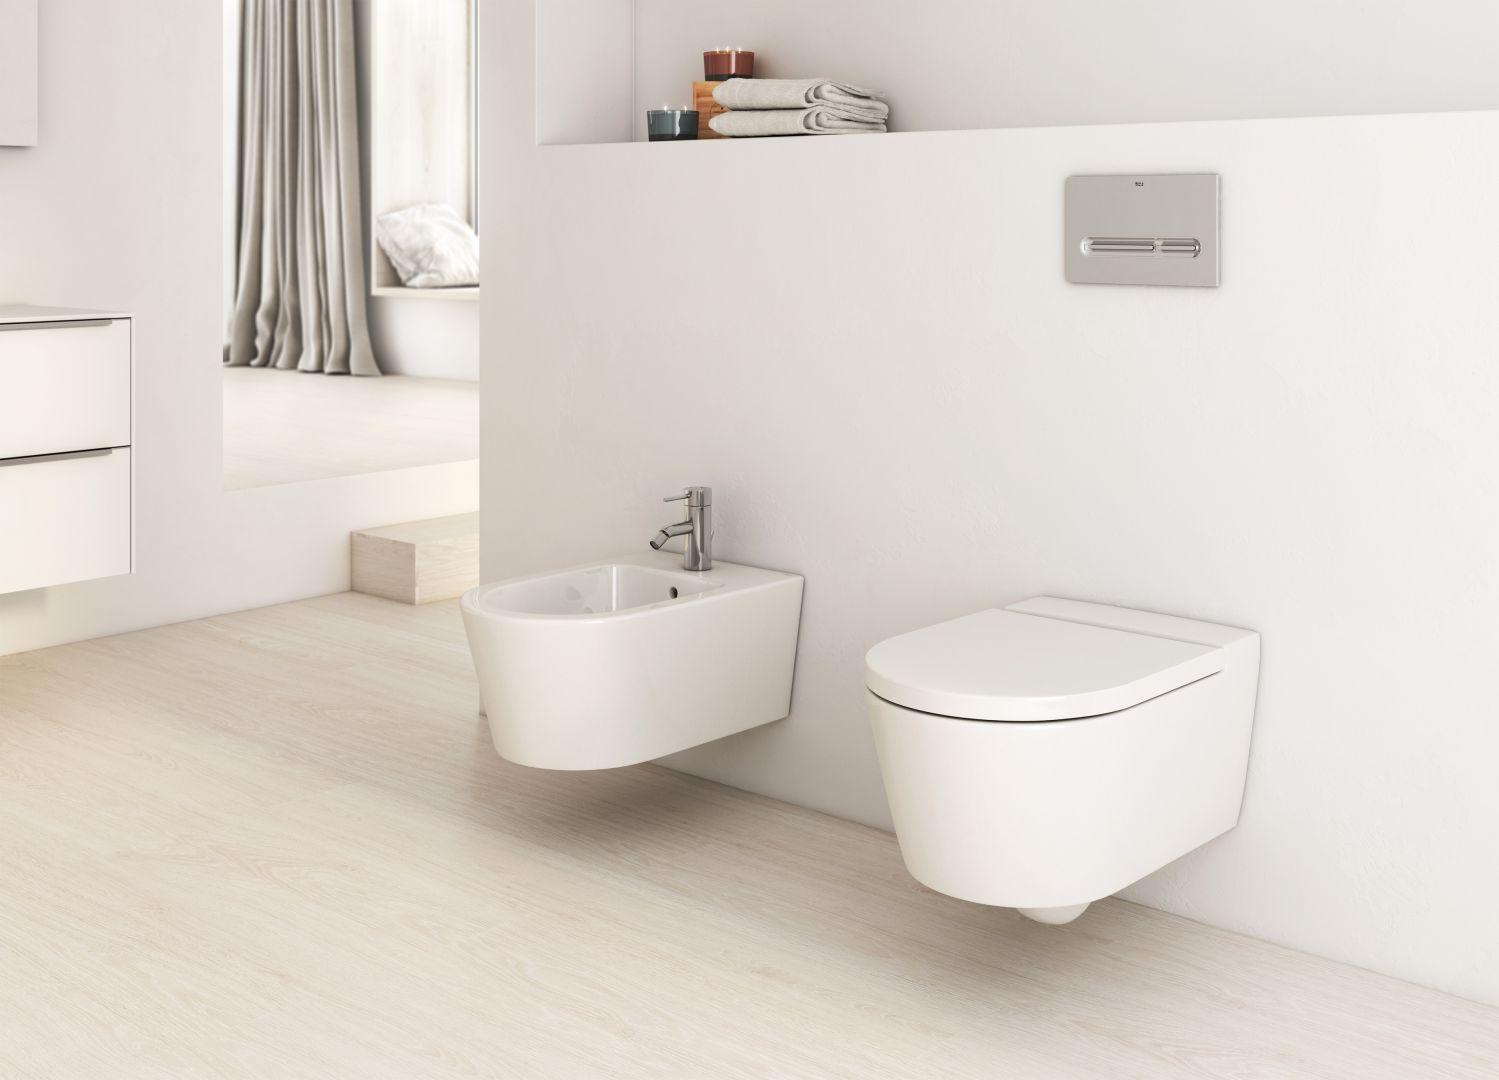 Podwieszana ceramika sanitarna z kolekcji Inspira Round marki Roca. Fot. Roca